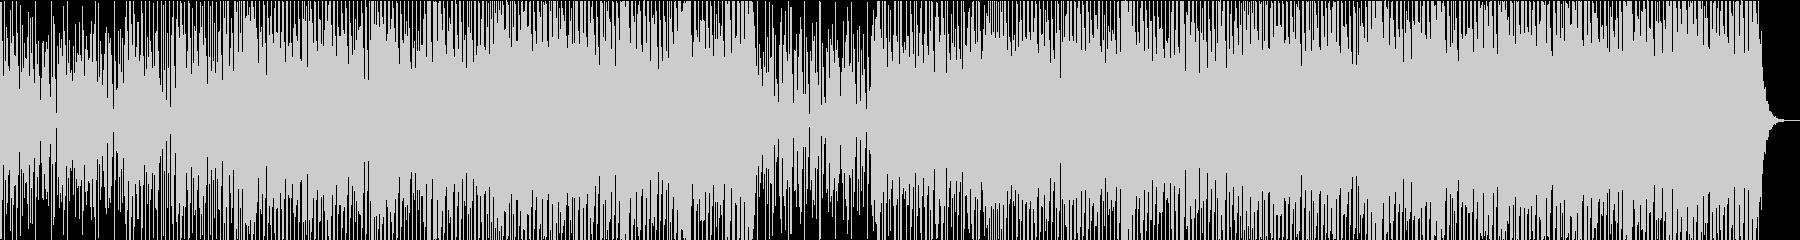 ハッピー ファニー ジョイフル フォークの未再生の波形